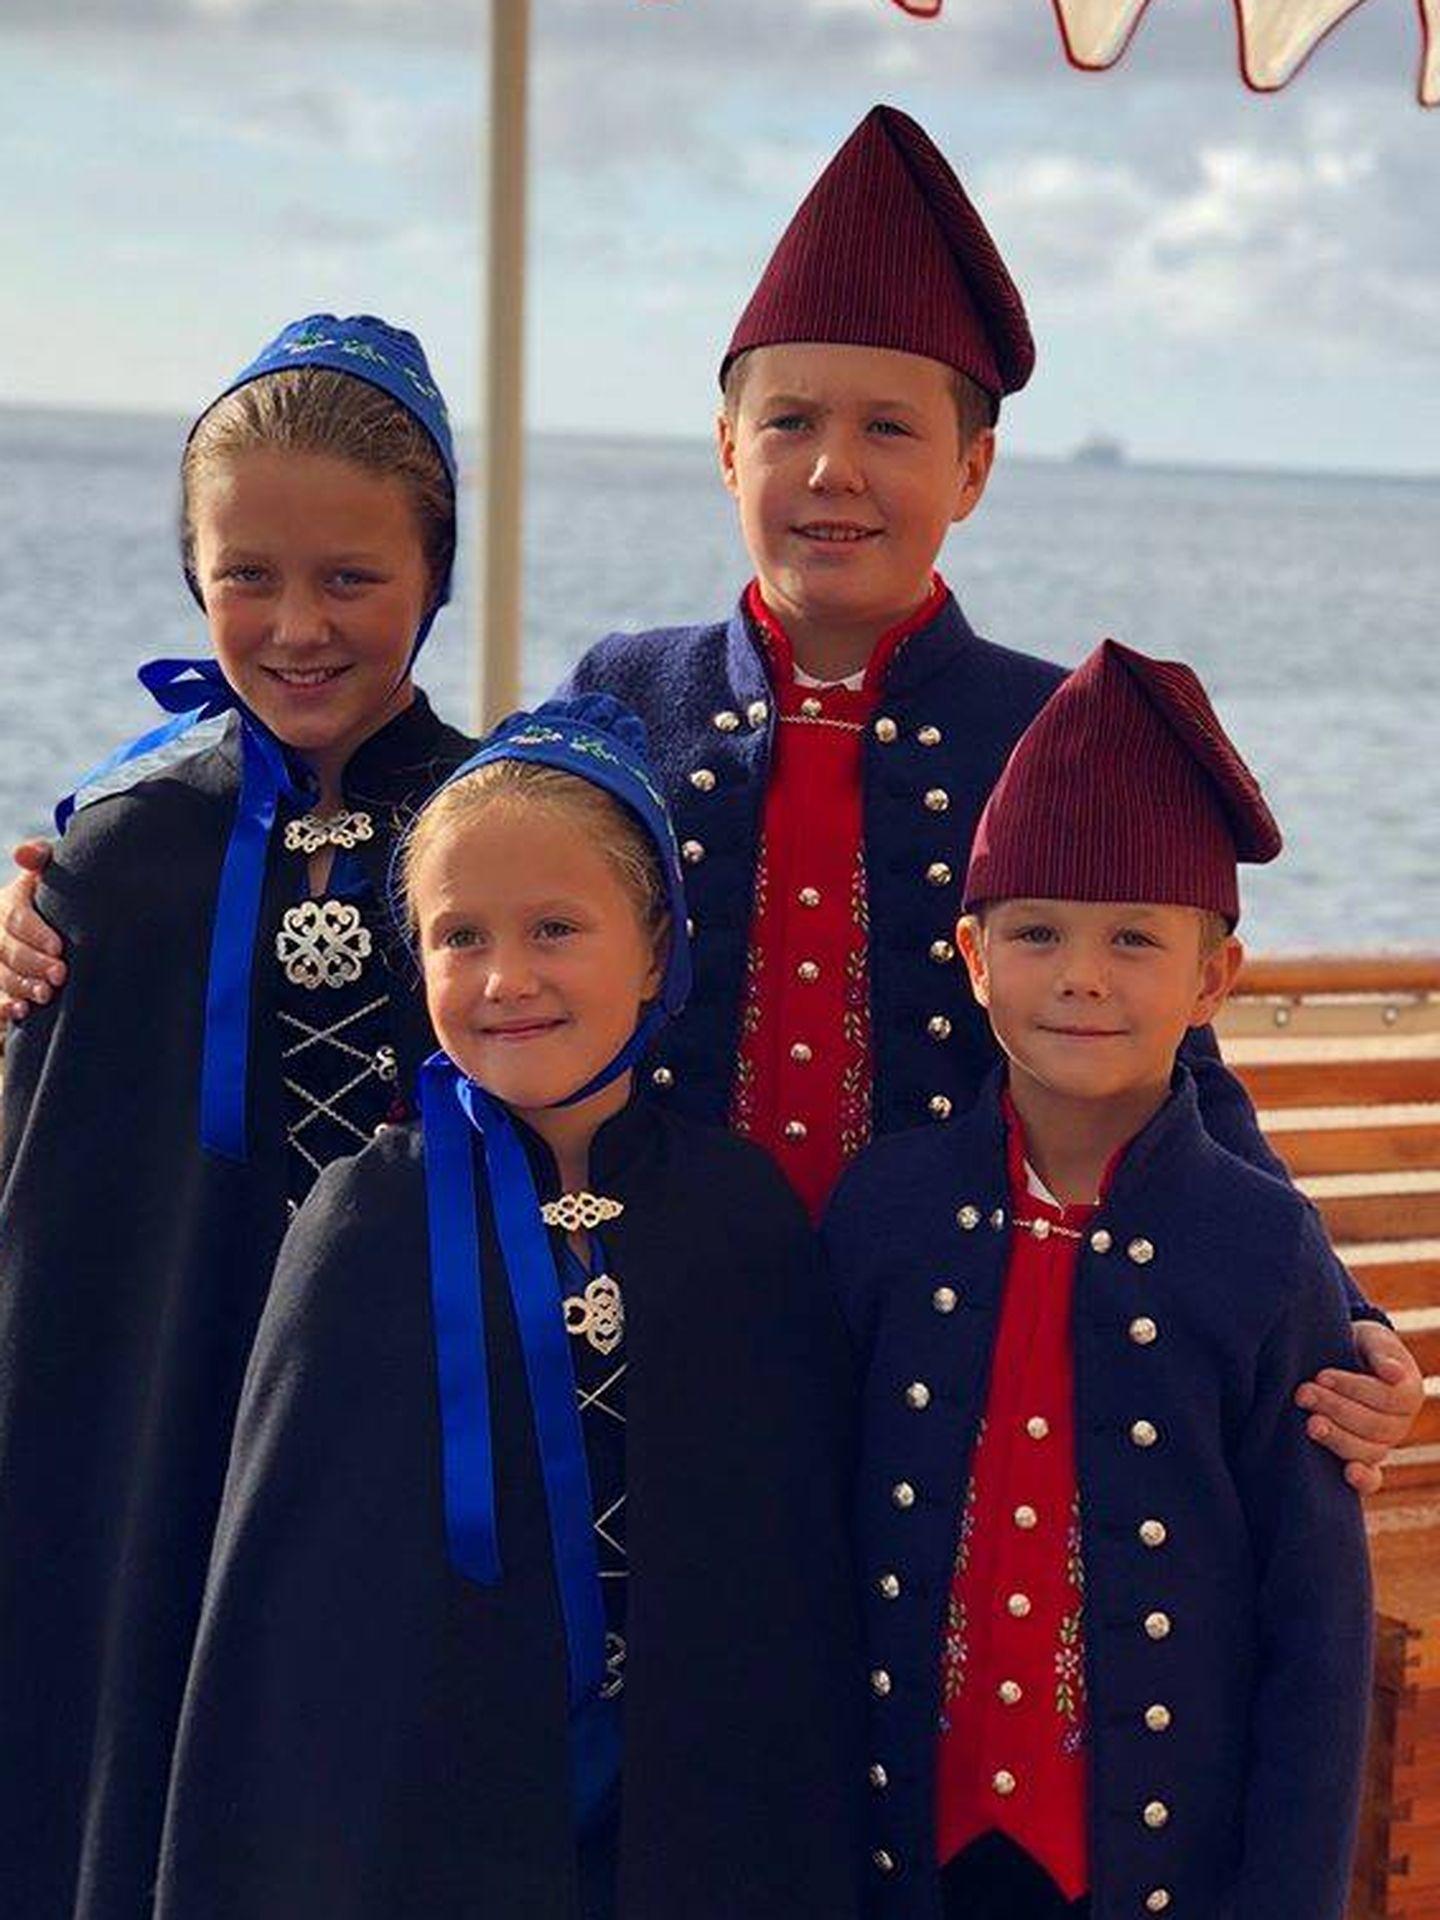 Los príncipes Christian, Isabella, Vincent y Josephine a bordo del Dannebrog. (Casa real danesa)